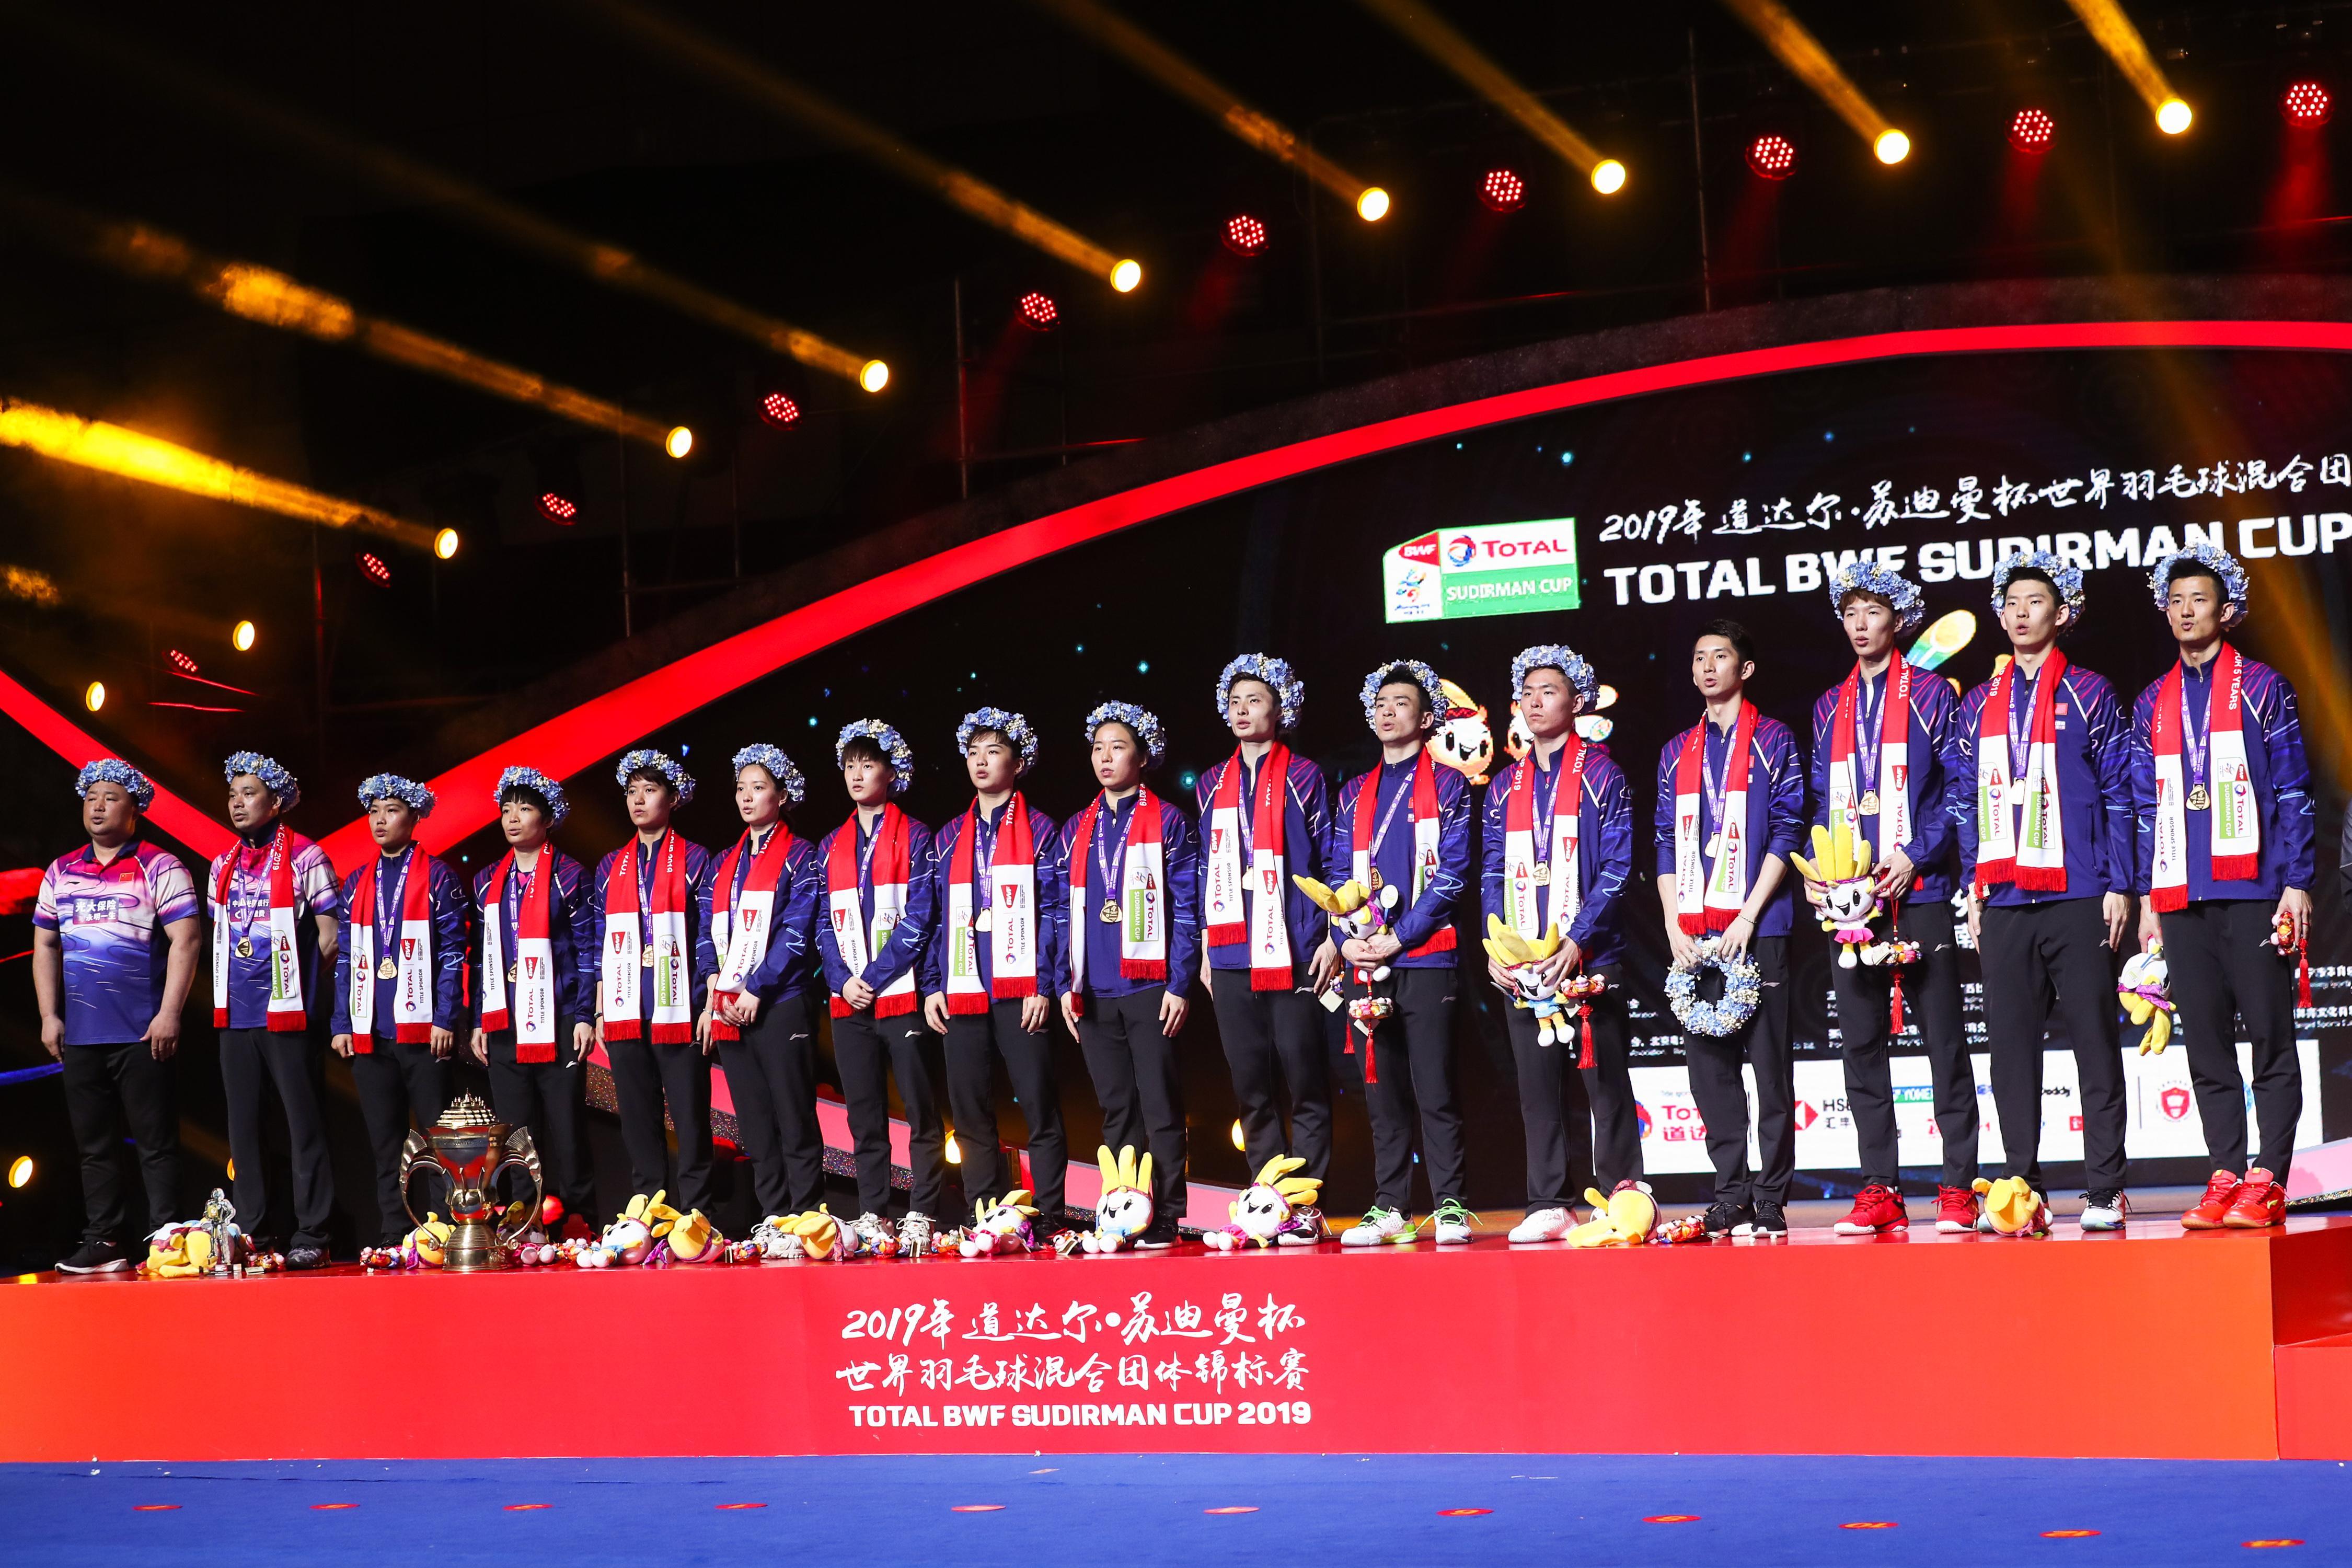 [Cầu lông] Danh sách Sudiman Cup sẽ công bố các đối thủ mạnh nhất của Guoyu hoặc đội này.